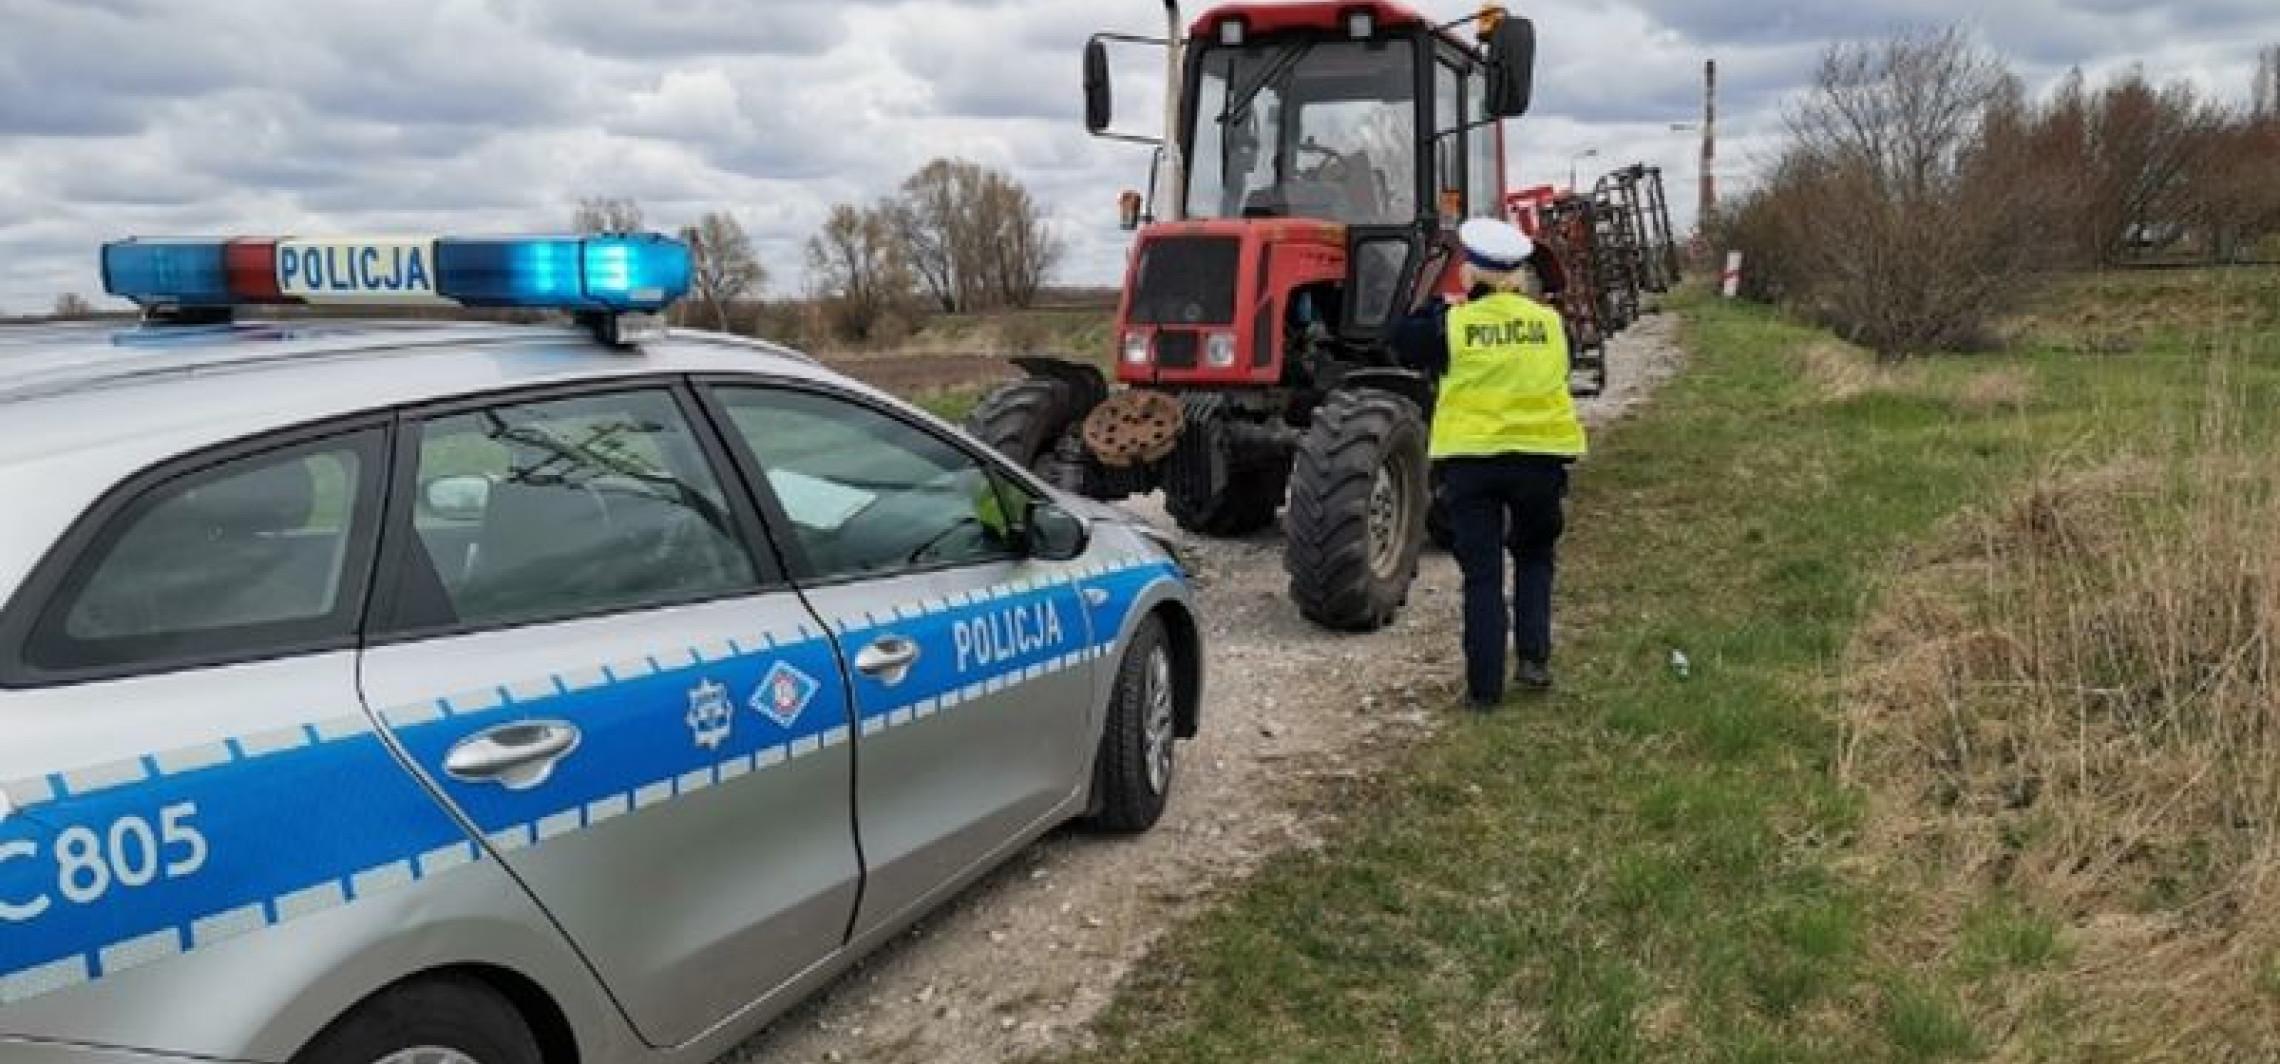 Inowrocław - Kierowcę ciągnika czeka surowa kara